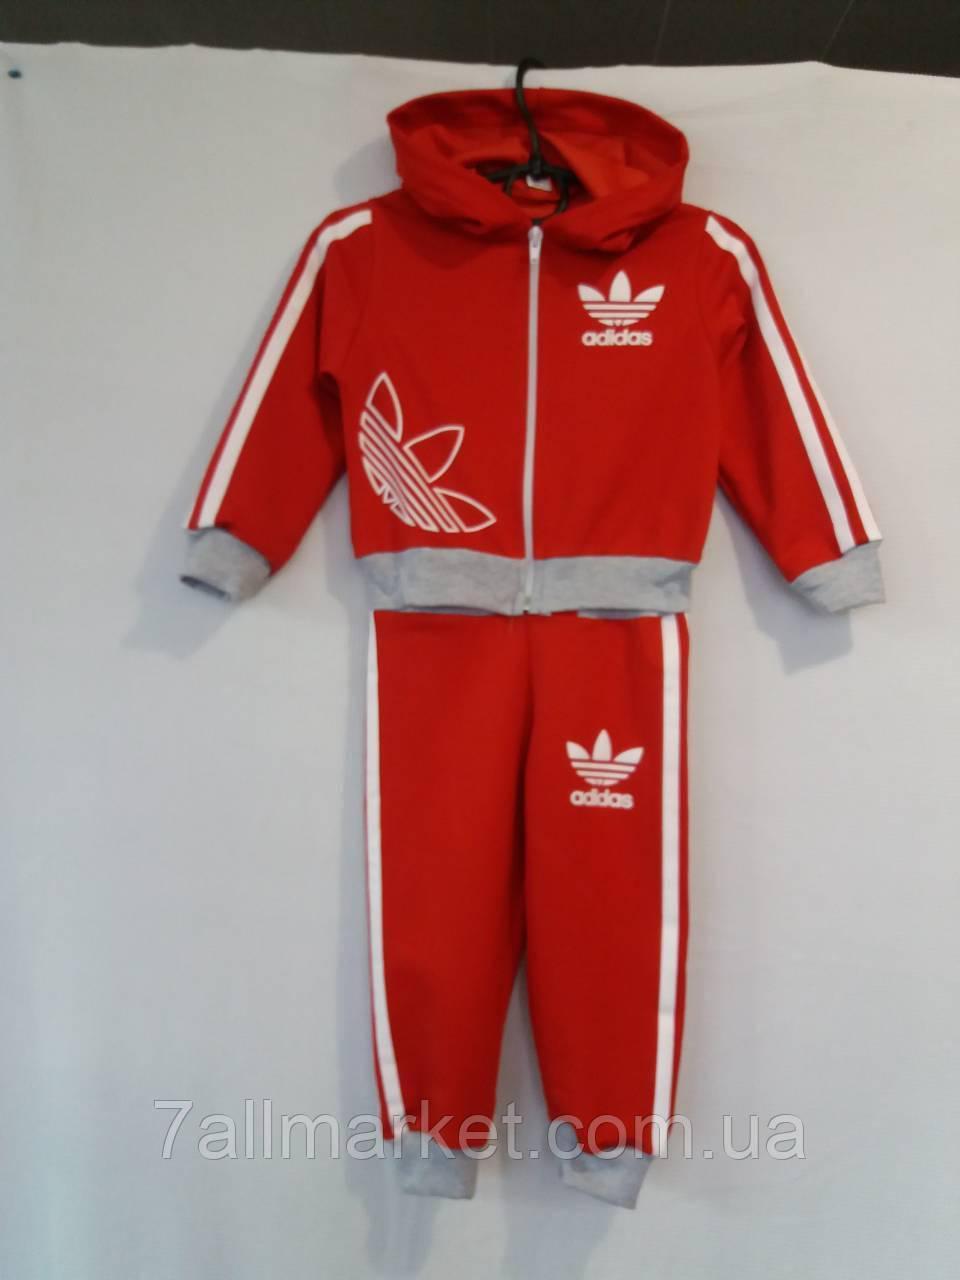 4cca92ea Спортивный костюм ADIDAS на девочку, размеры 22-26 (4цв)